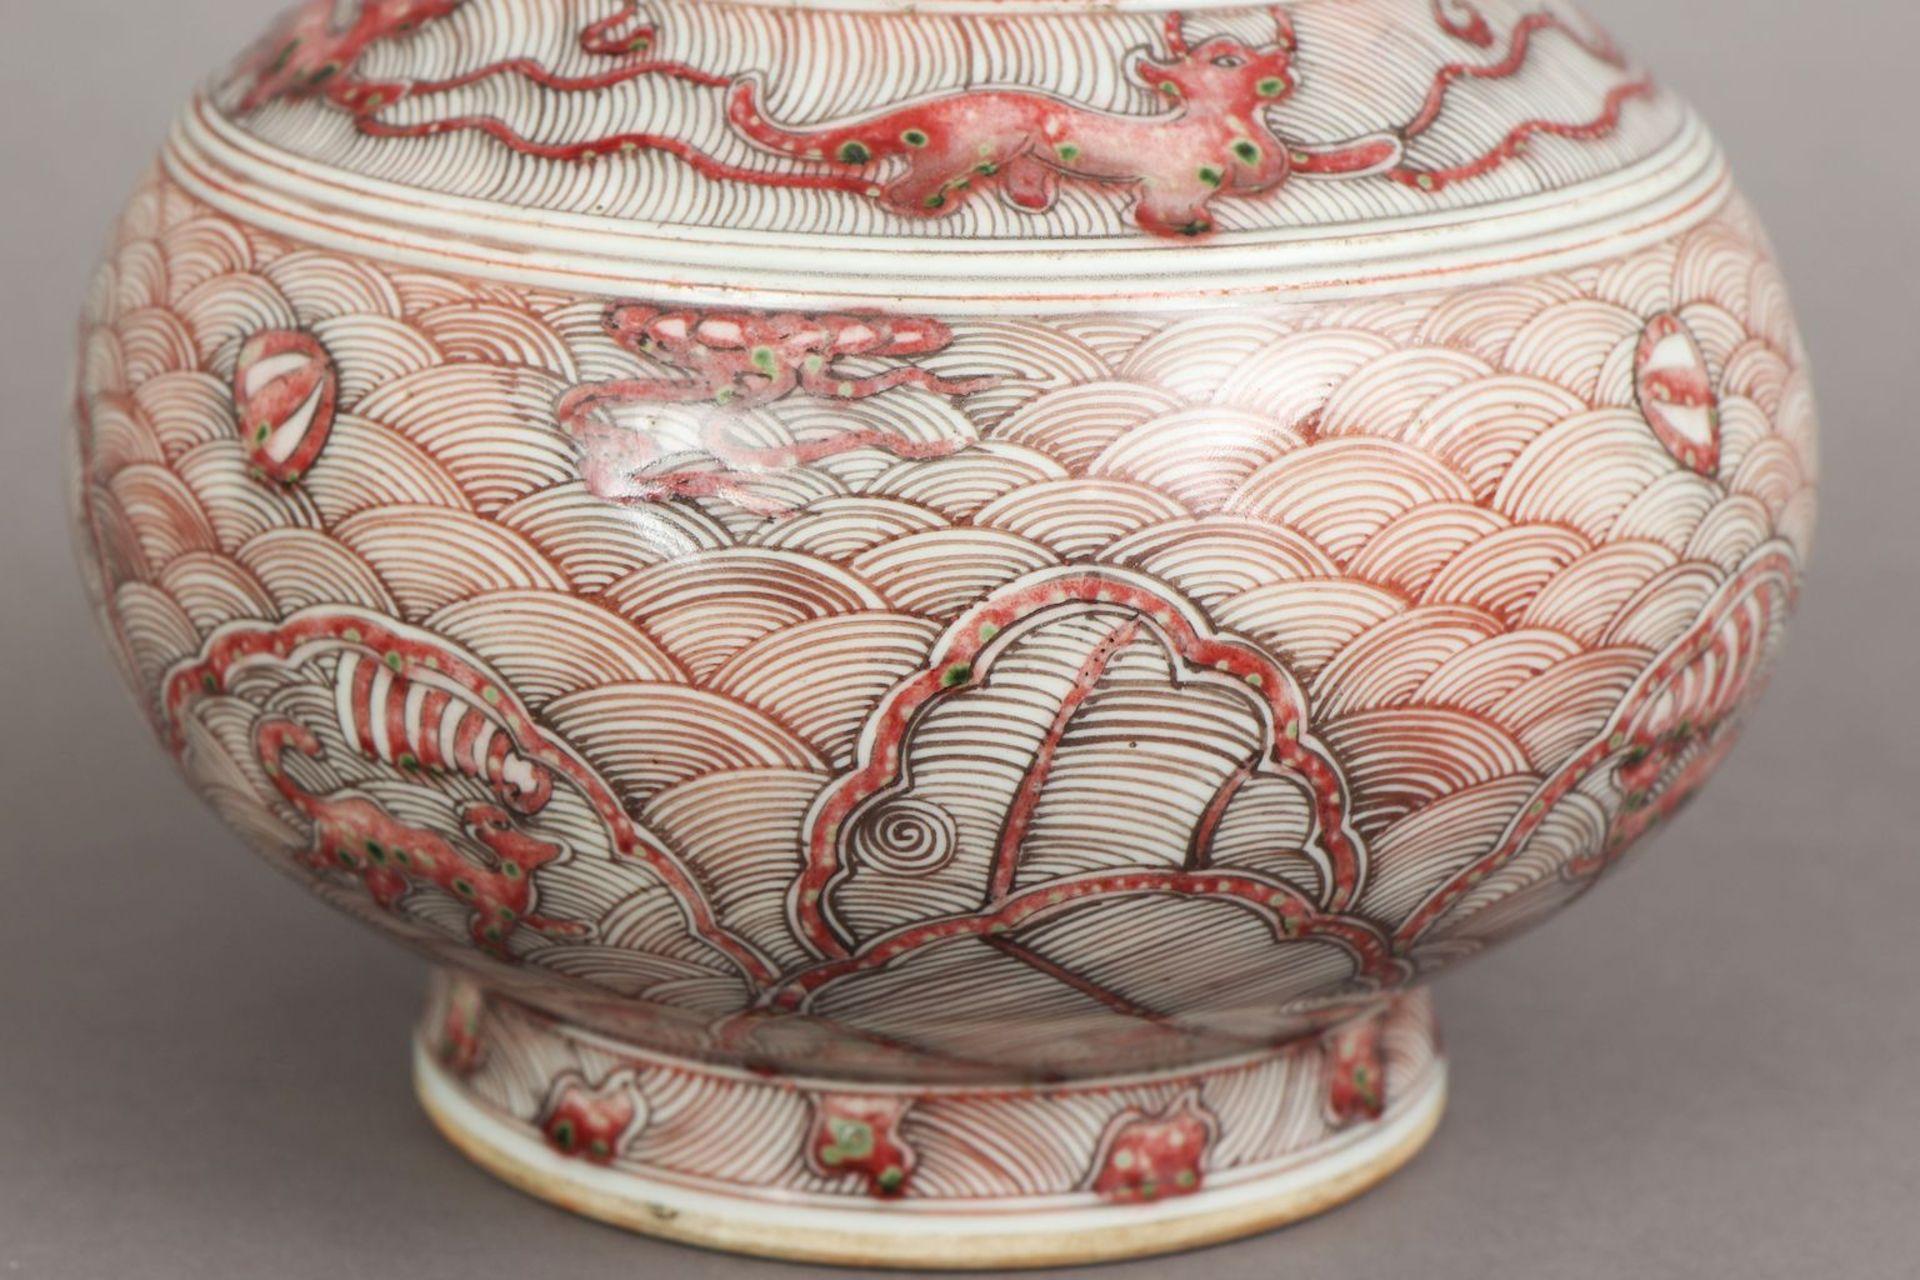 Chinesische Porzellanvase mit korallenrotem Drachendekor - Image 3 of 5